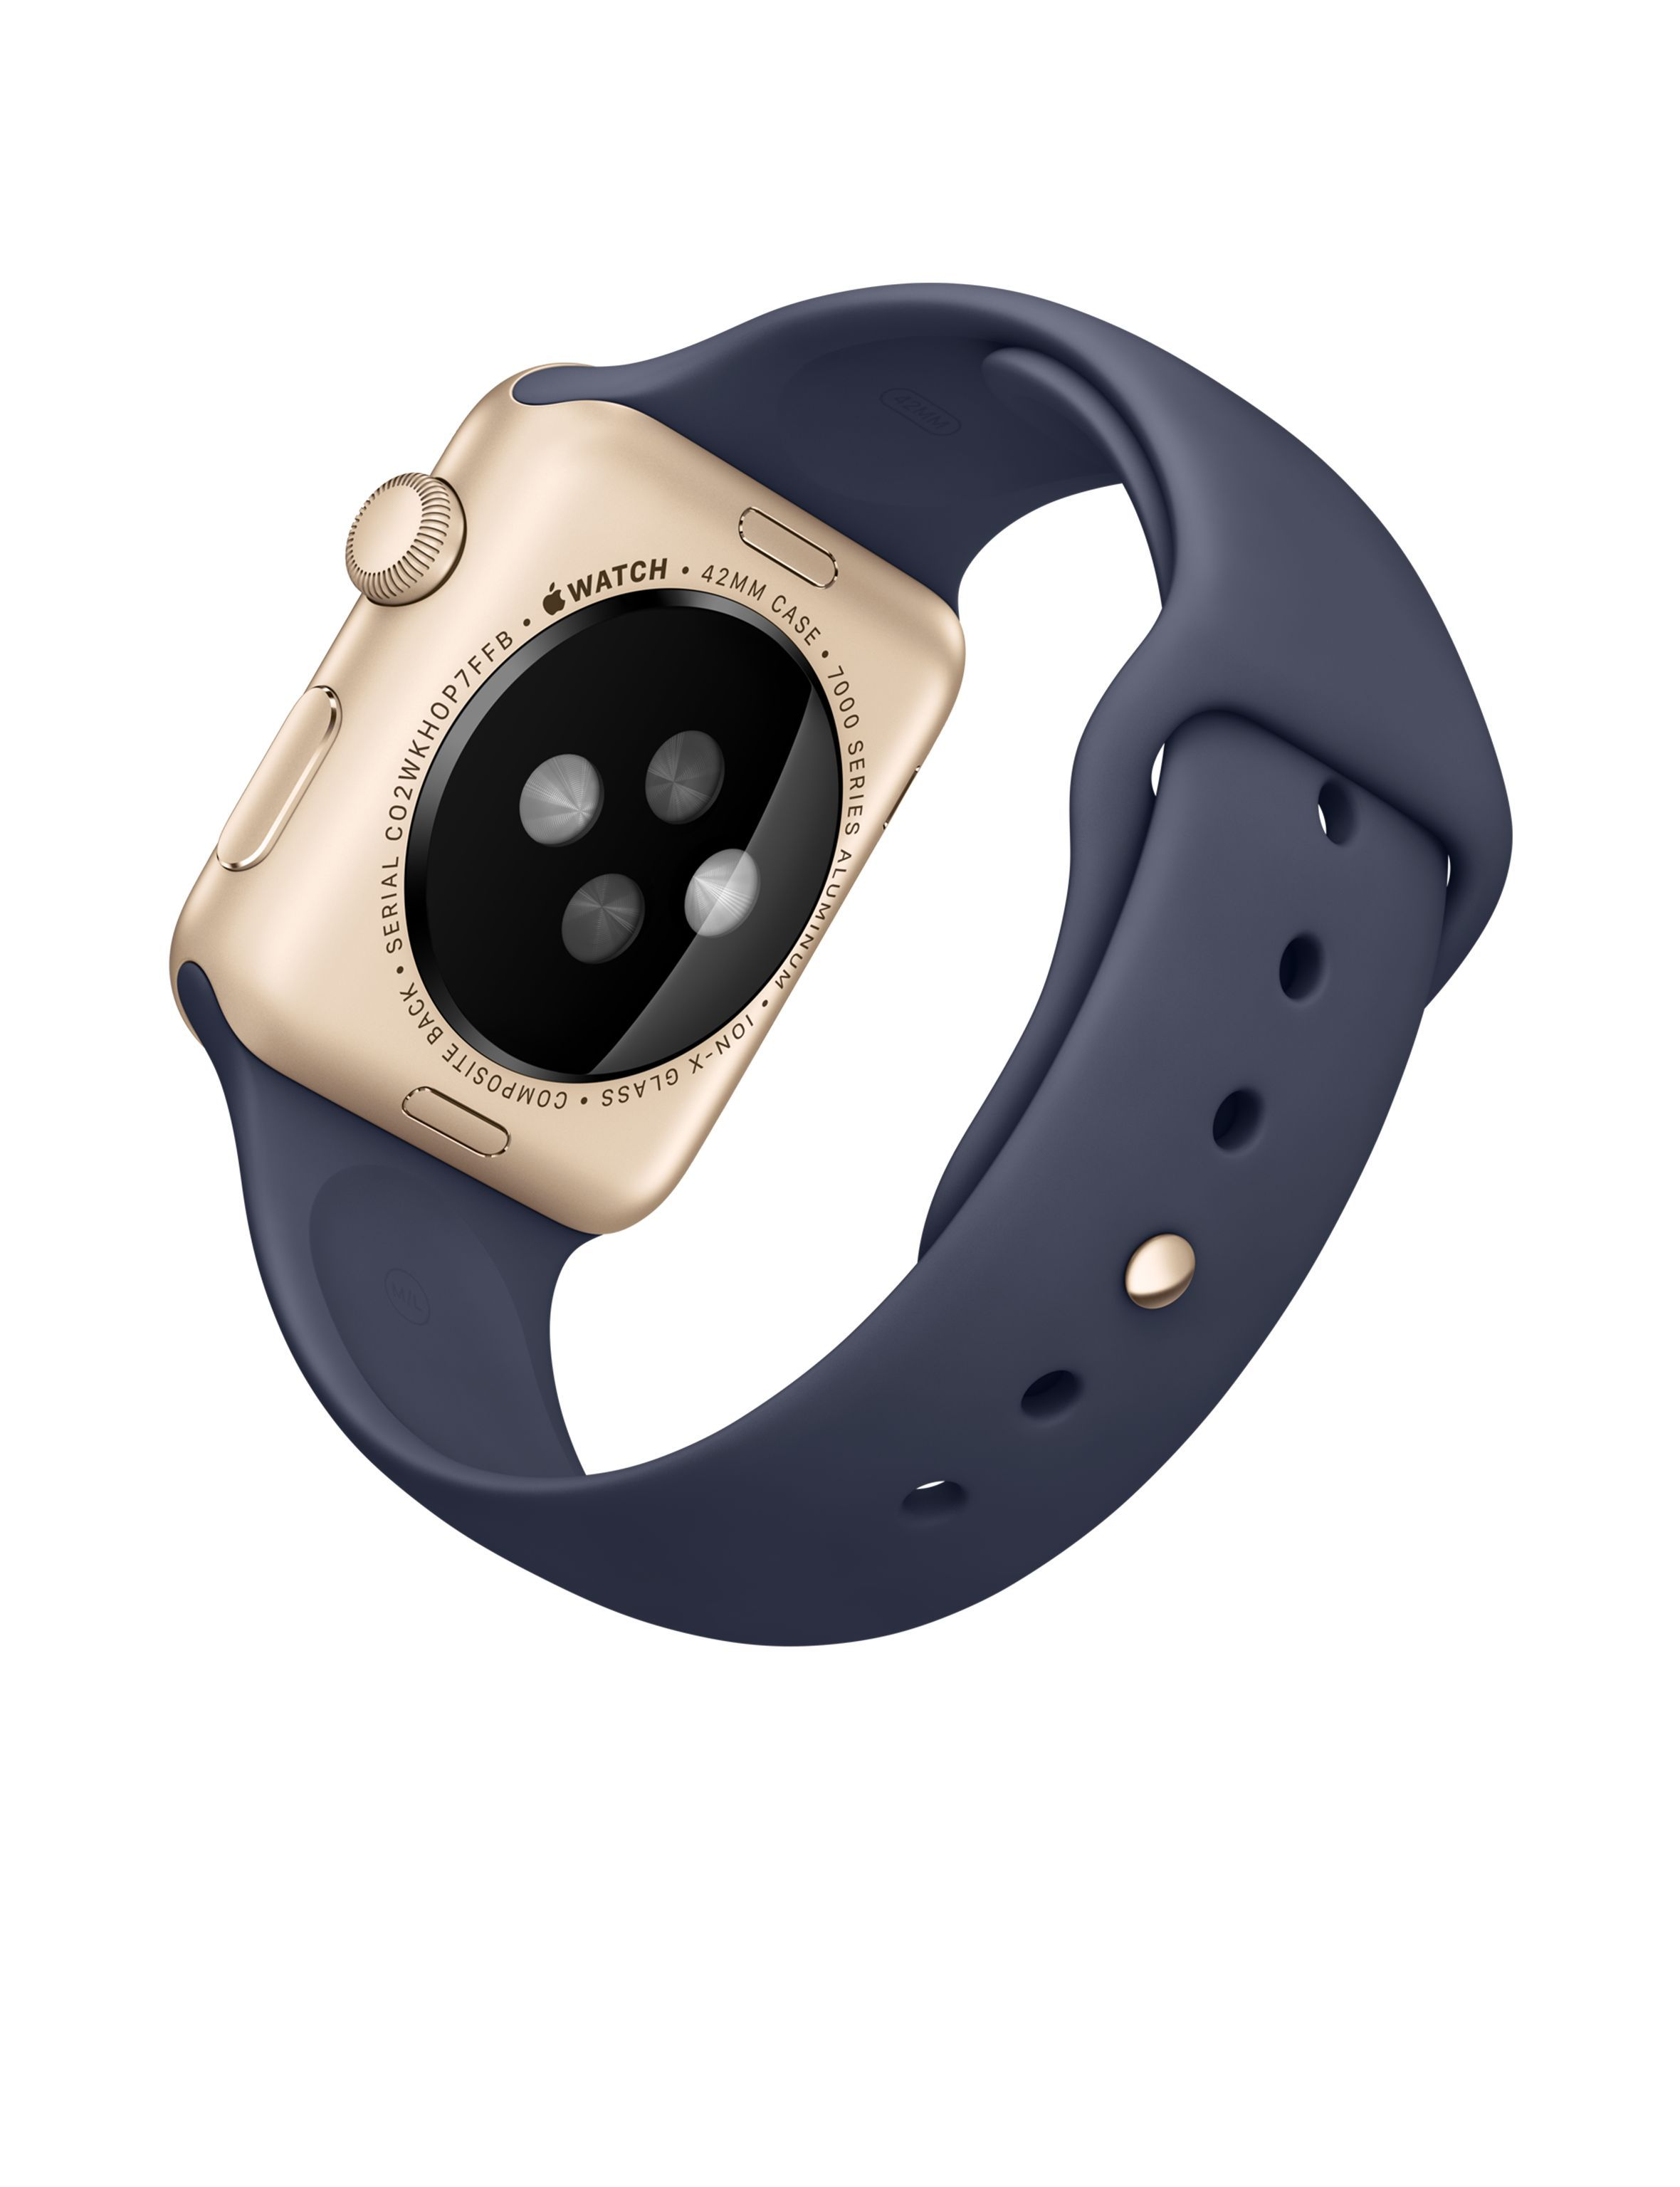 1a3a1da74b2 Apple Watch Sport – Caixa de 42 mm dourada de alumínio com pulseira  desportiva azul meia-noite